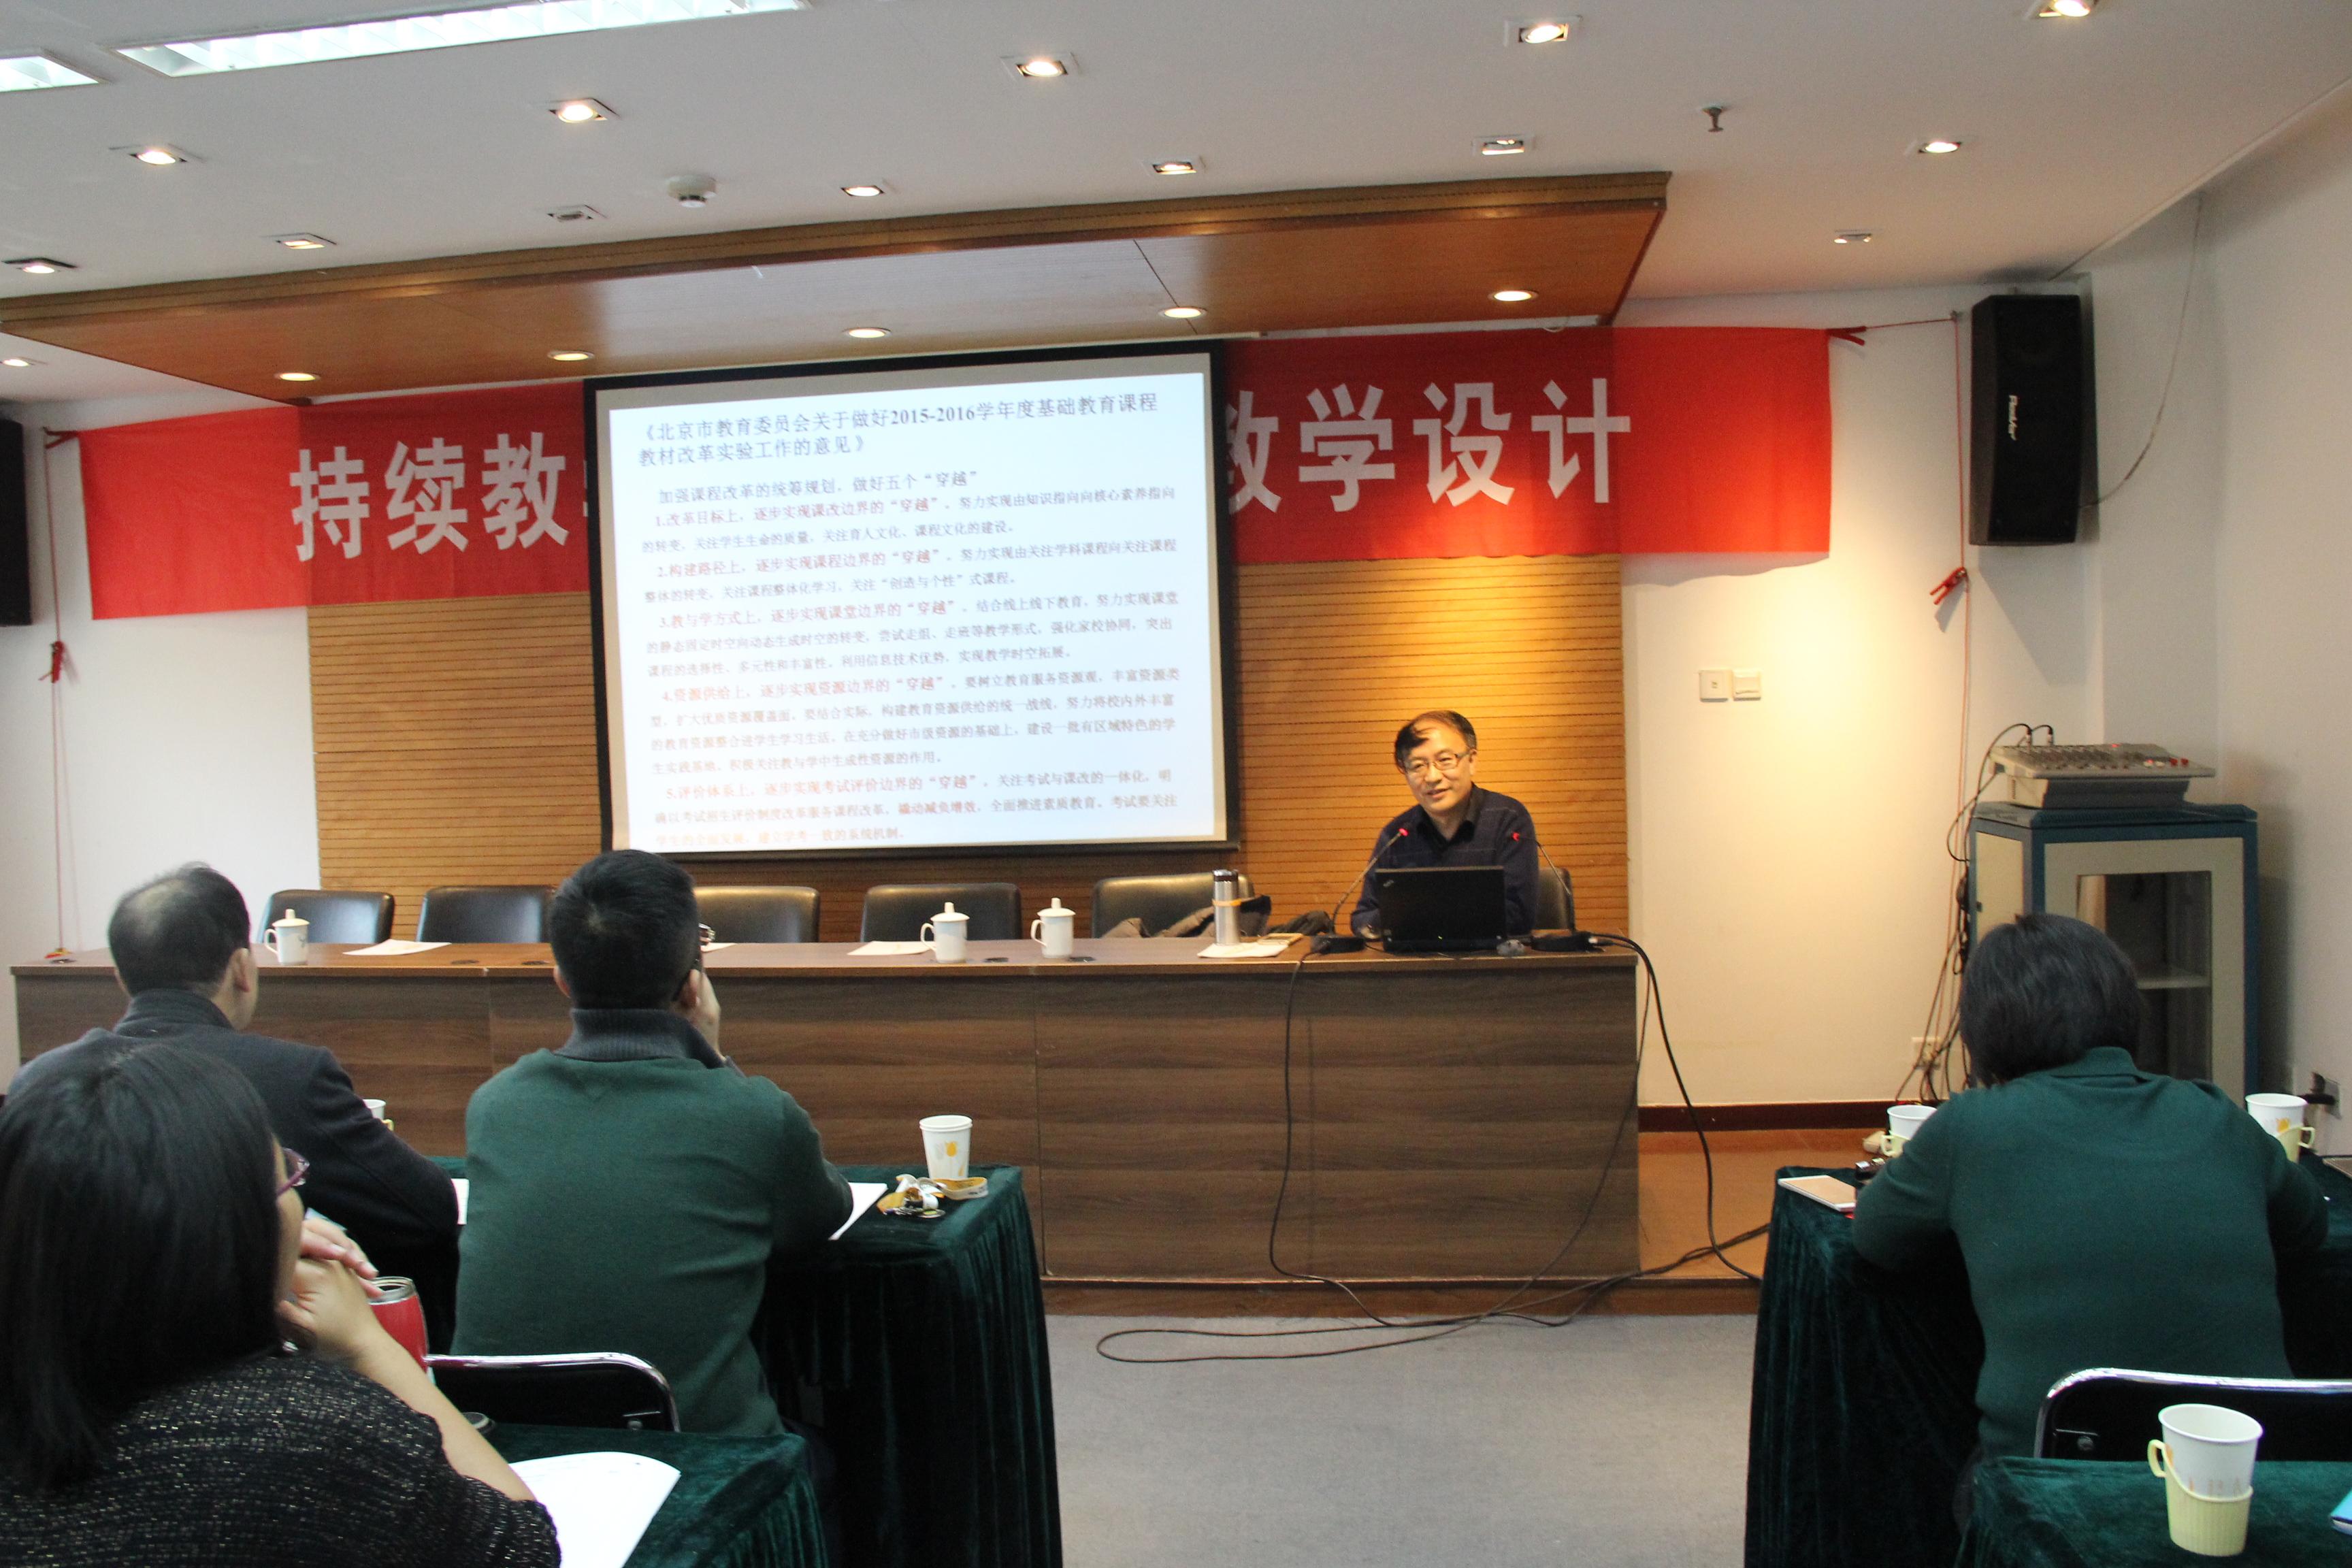 特级教师、朝阳区教研员兰俊耀为我校教师进行培训.jpg